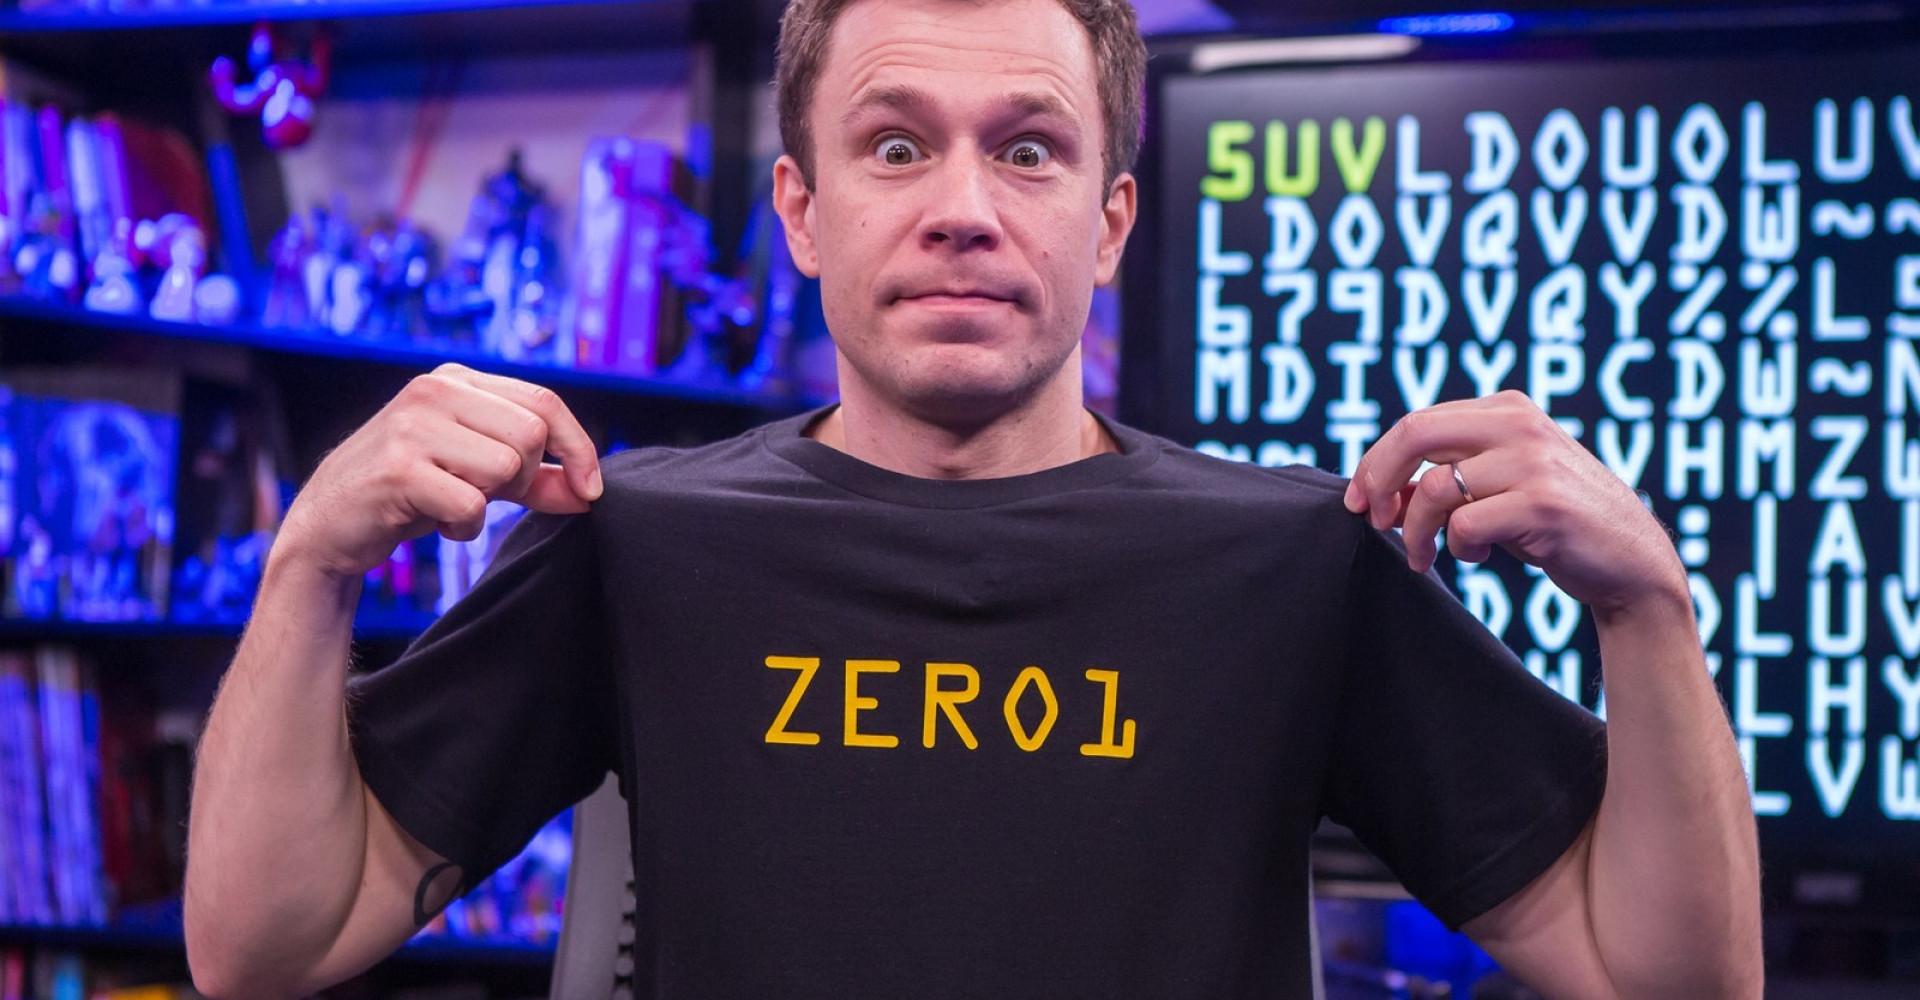 Programa 'Zero 1' de Tiago Leifert ganha nova temporada na Globo